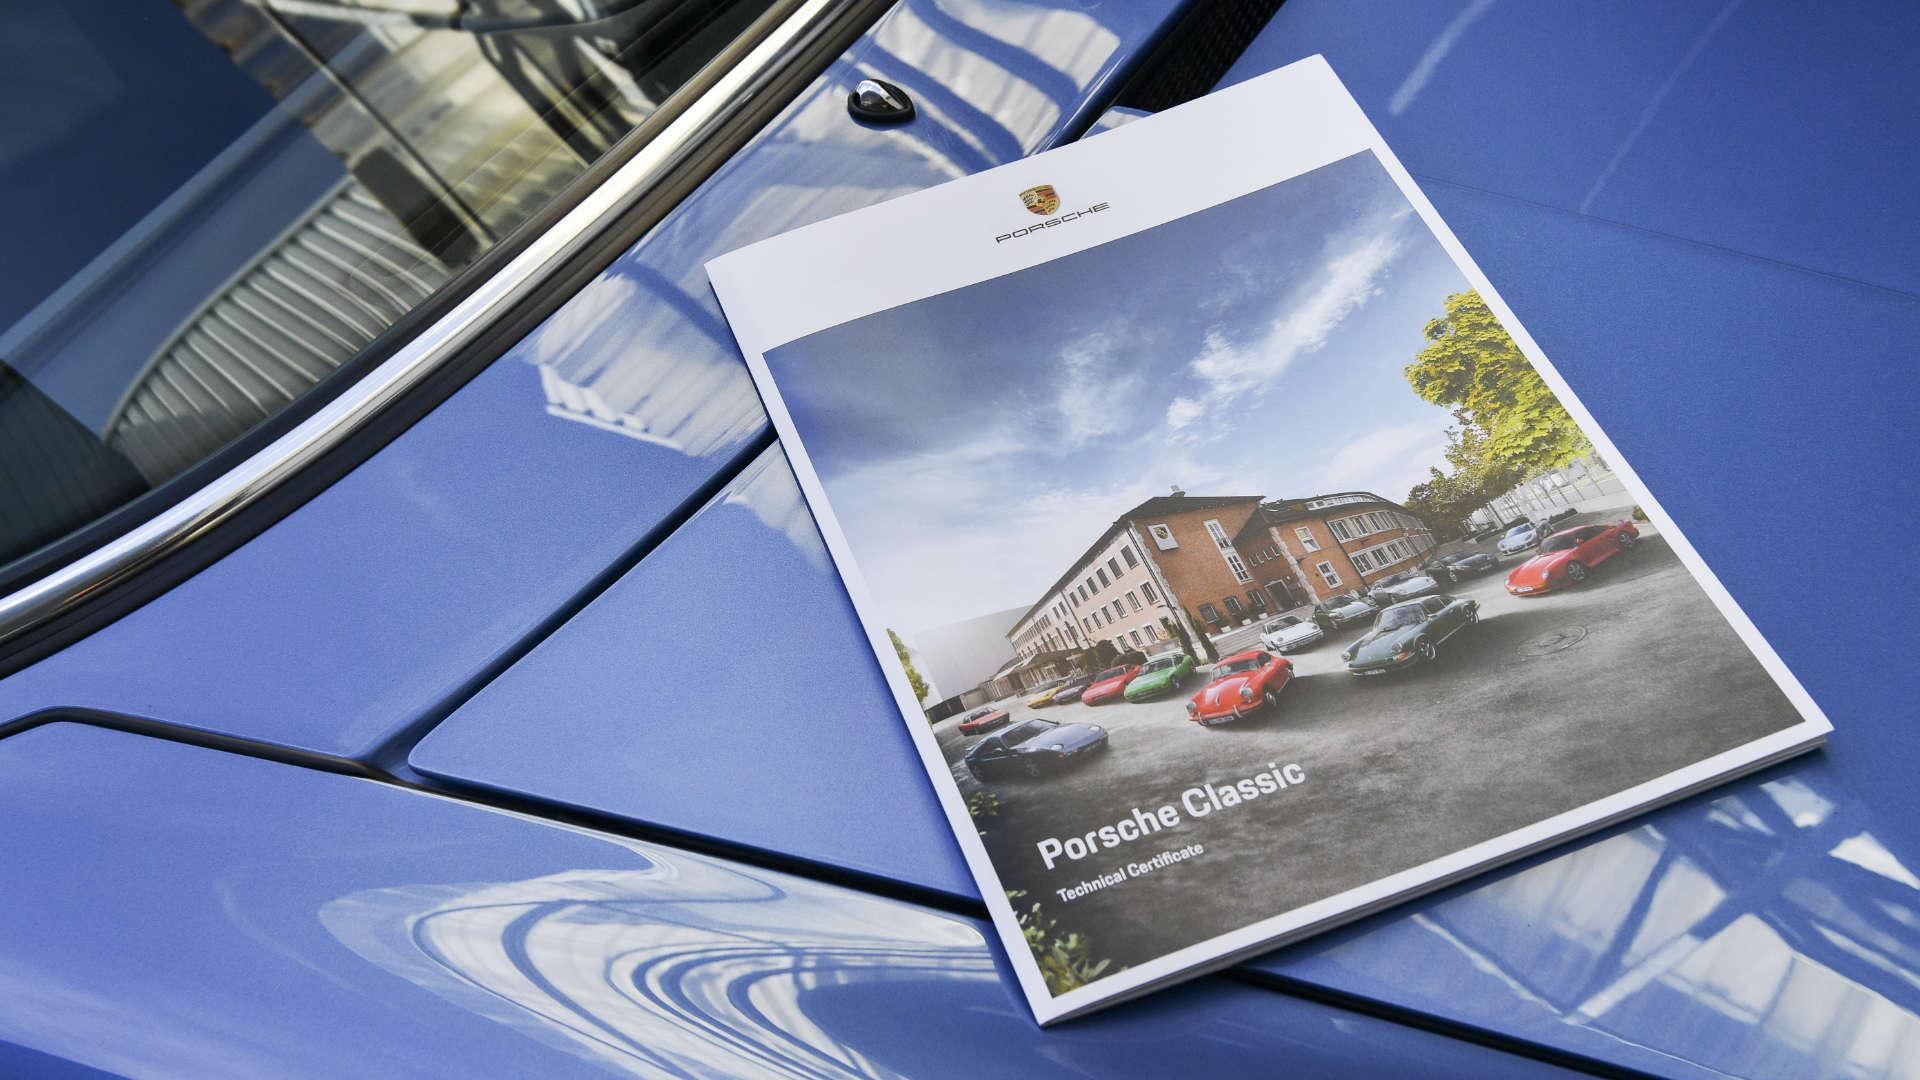 Porsche Classic Technisches Zertifikat